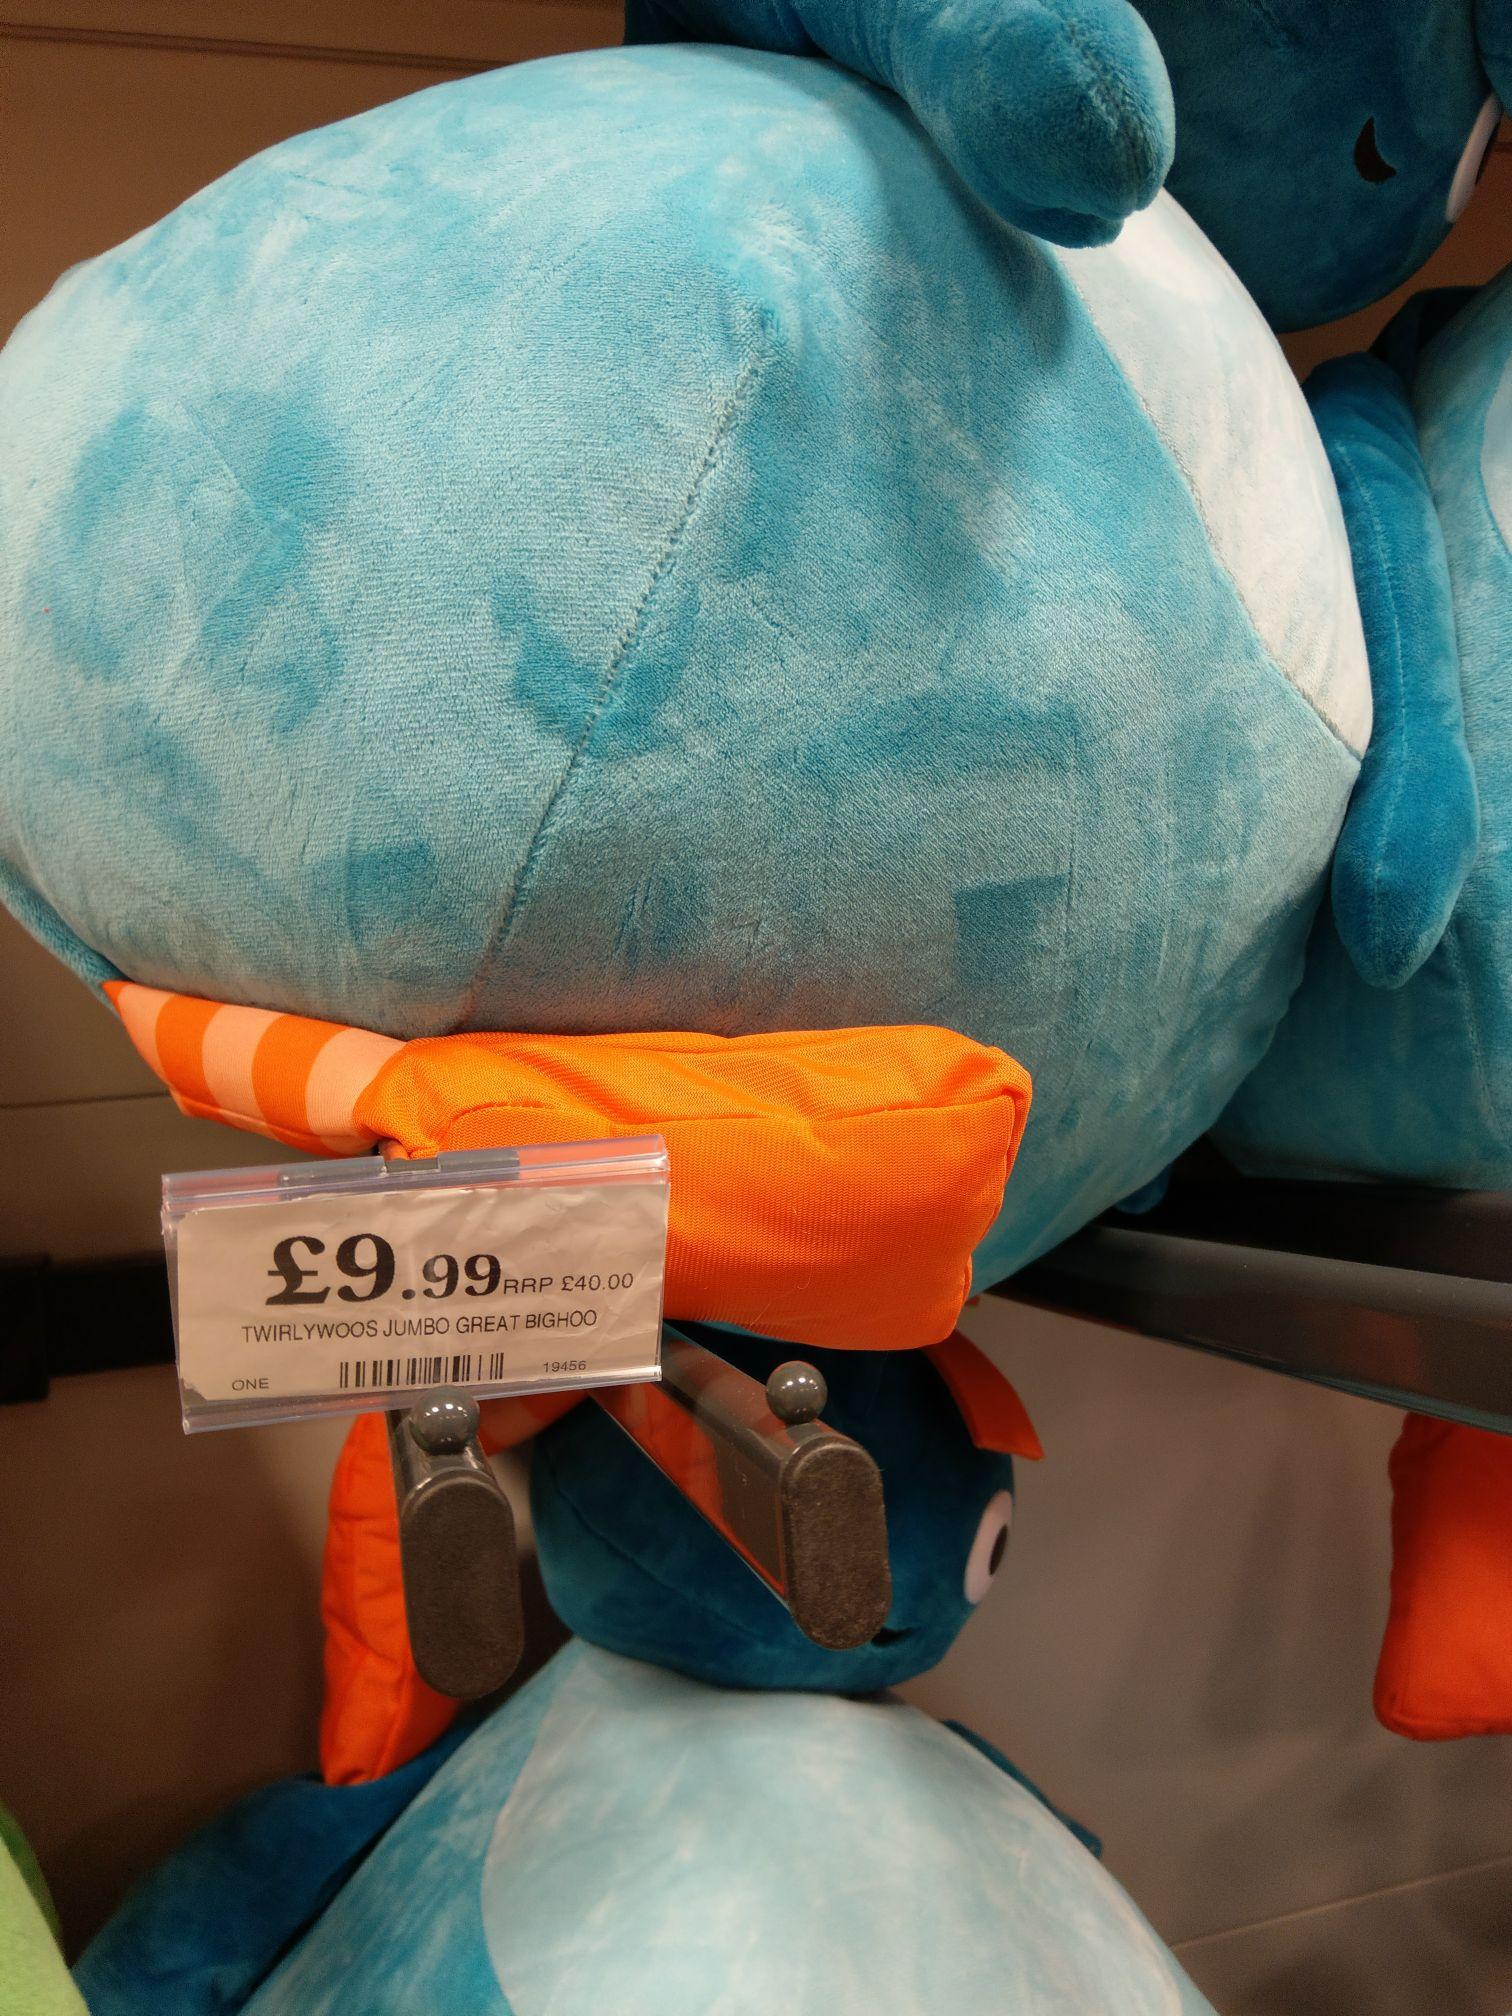 Large Twirlywoos in store @ Homebargins - £9.99